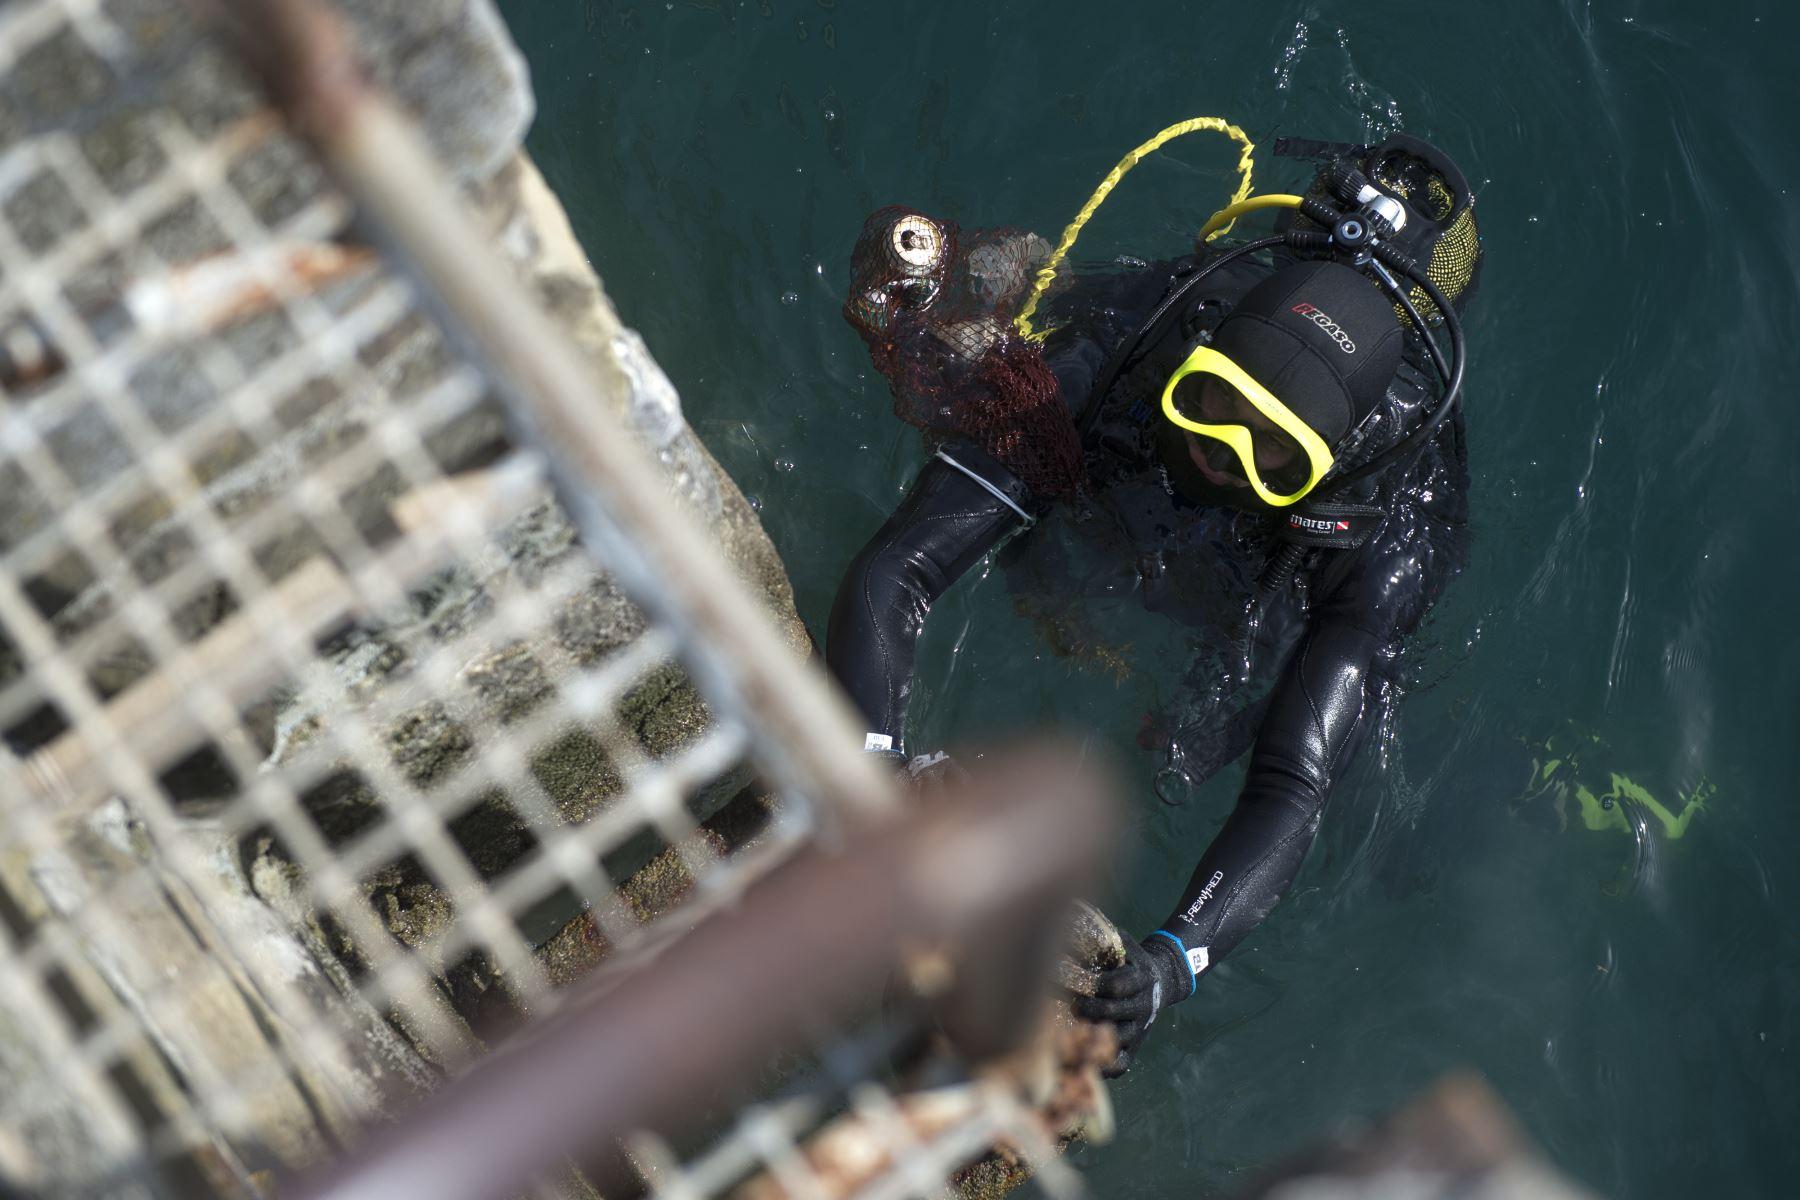 Un buceador regresa a la superficie del agua después de recoger plástico del mar en el puerto de la aldea vasca española de Bermeo como parte de una campaña de limpieza del estuario de Urdaibai para conmemorar el Día Mundial de los Océanos. Foto: AFP